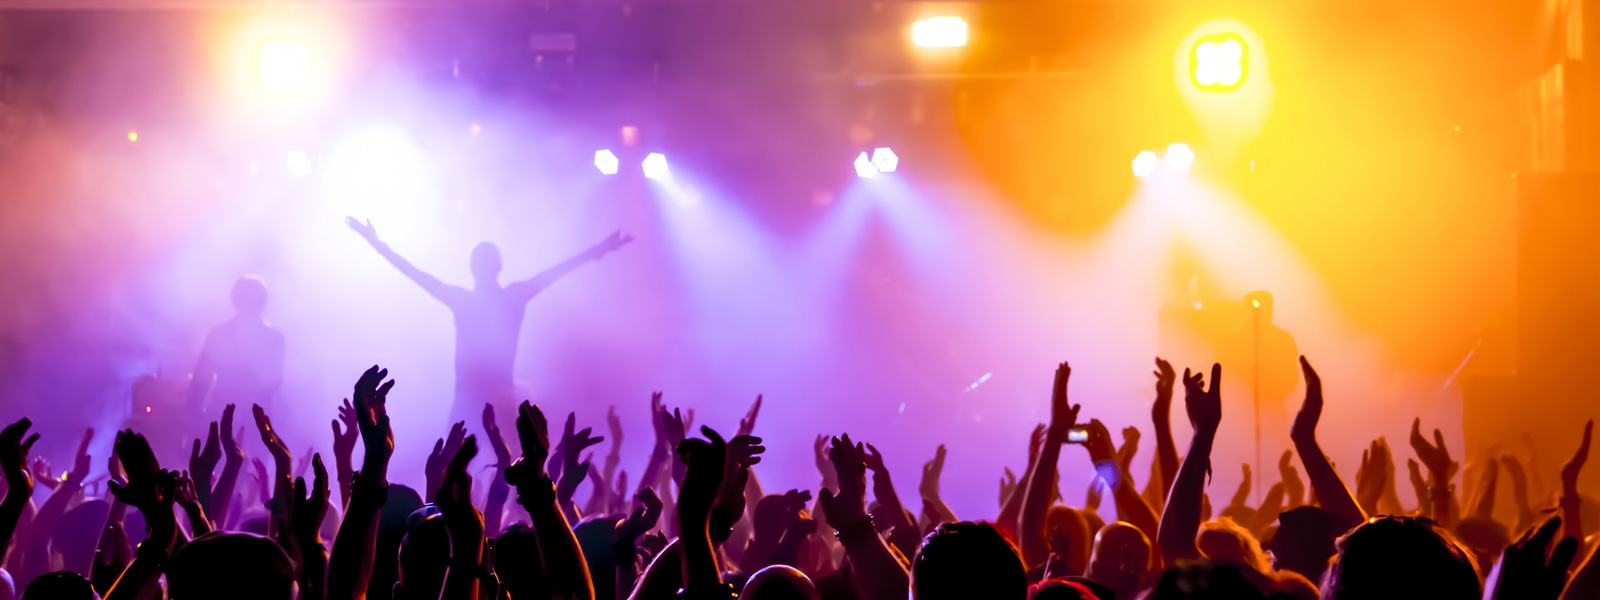 Bei Viewpoint Veranstaltungstechnik in Rastatt können Sie professionelle Licht- und Tonanlegen, icht- und Tonanlagen, Lautsprechern, PA-Systemen, Mischpulten, CD-Playern für DJs, Effektgeräten sowie Audiotechnik für Ihre Veranstaltung leihen oder mieten. Außerdem bieten wir Ihnen den Aufbau und Abbau von Konzertbühnen. Veranstaltungsplanung und Eventmanagement. Technische Betreuung durch qualifizierte Lichttechniker und Tontechniker. Beleuchtung, Lichtinstallationen und Fassadenilluminationen. Dekorations- und Beleuchtungselemente. Beratung, Planung, Einbau und technischer Support von Clubs und Diskotheken.